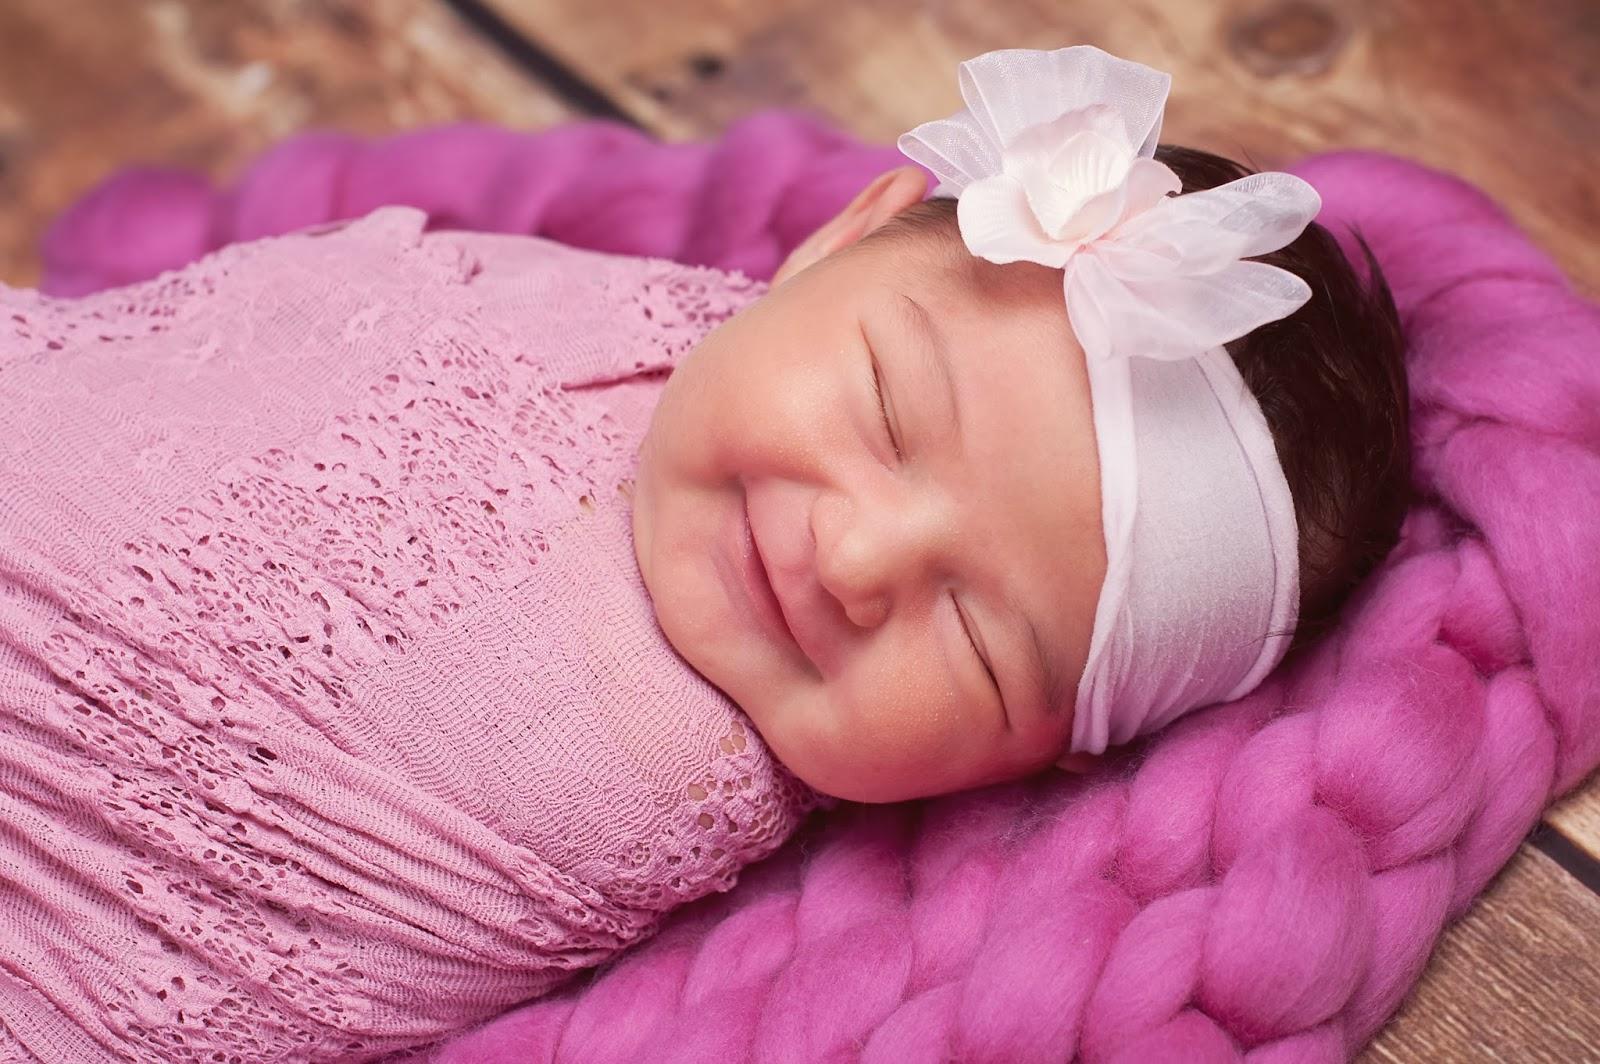 Hình ảnh em bé sơ sinh dễ thương